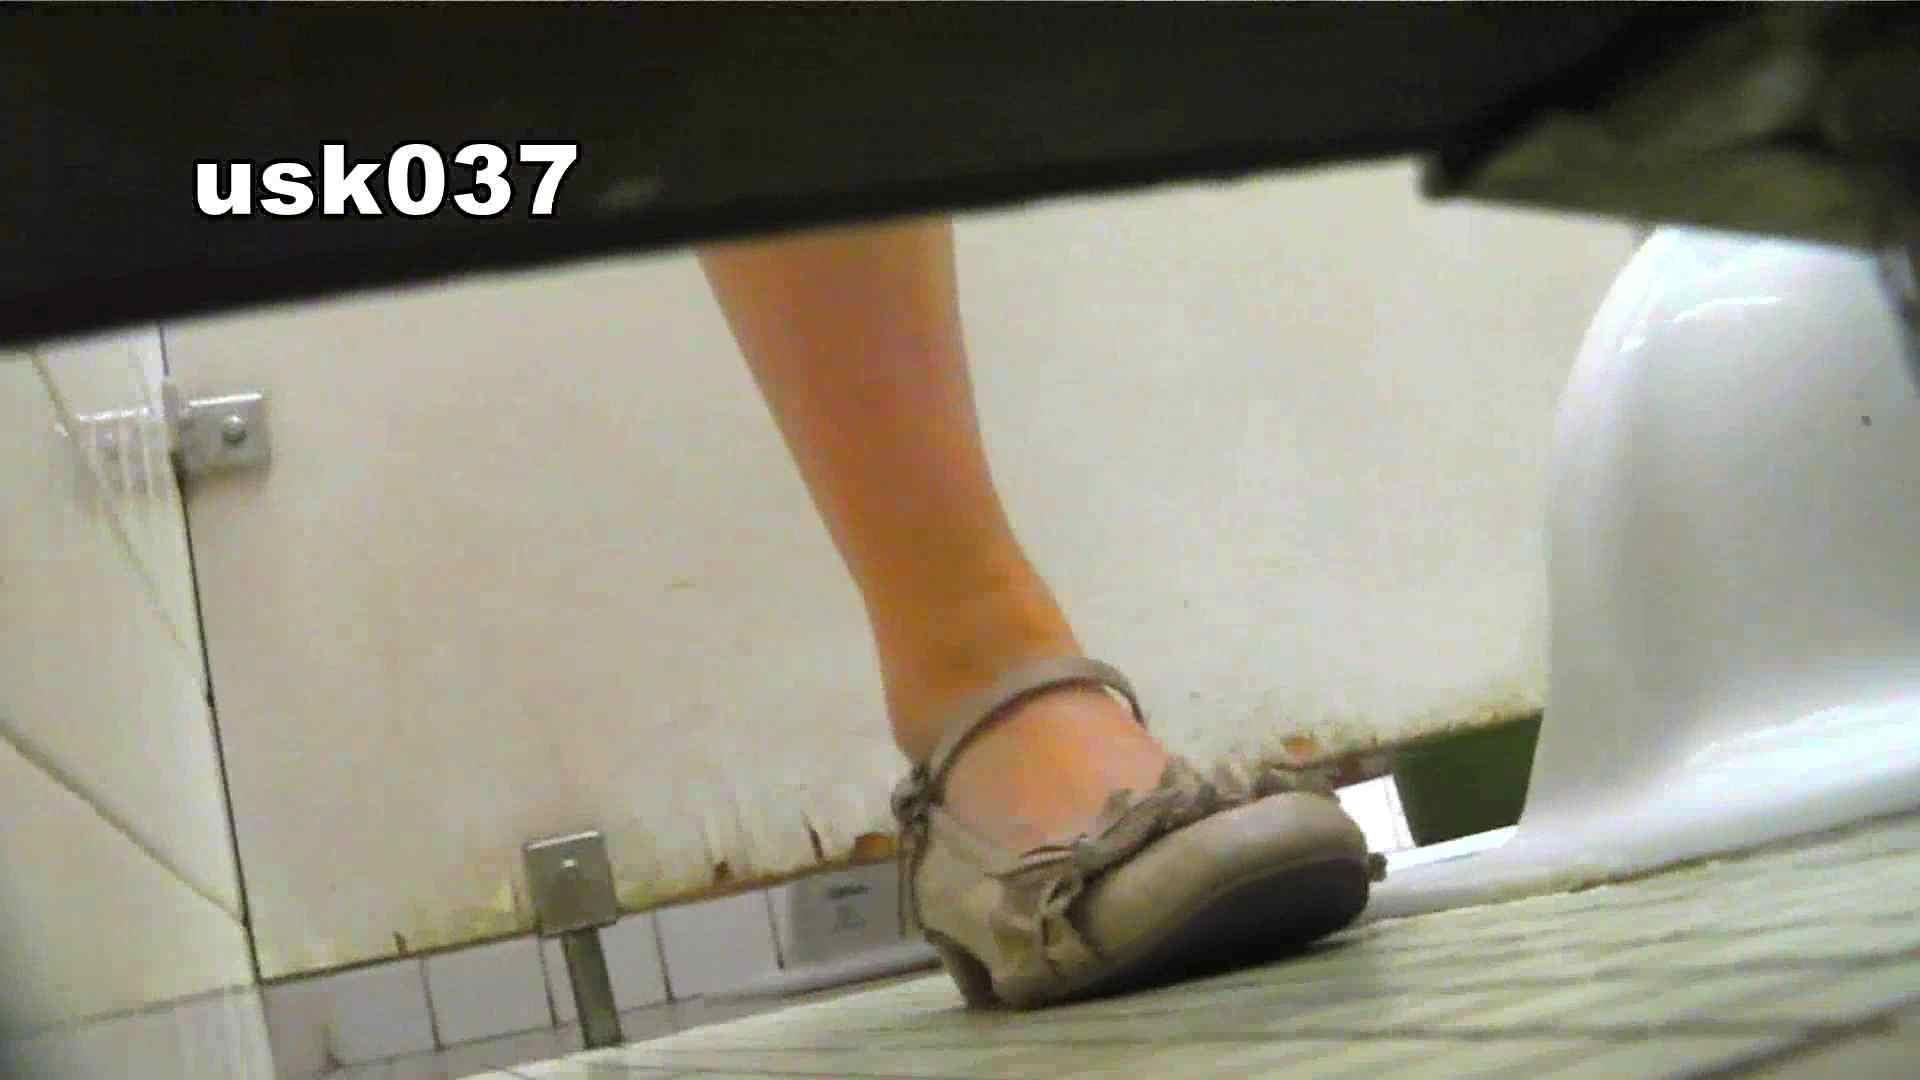 【美しき個室な世界】 vol.037 ひねり出す様子(フトイです) 洗面所   OL女体  97連発 1